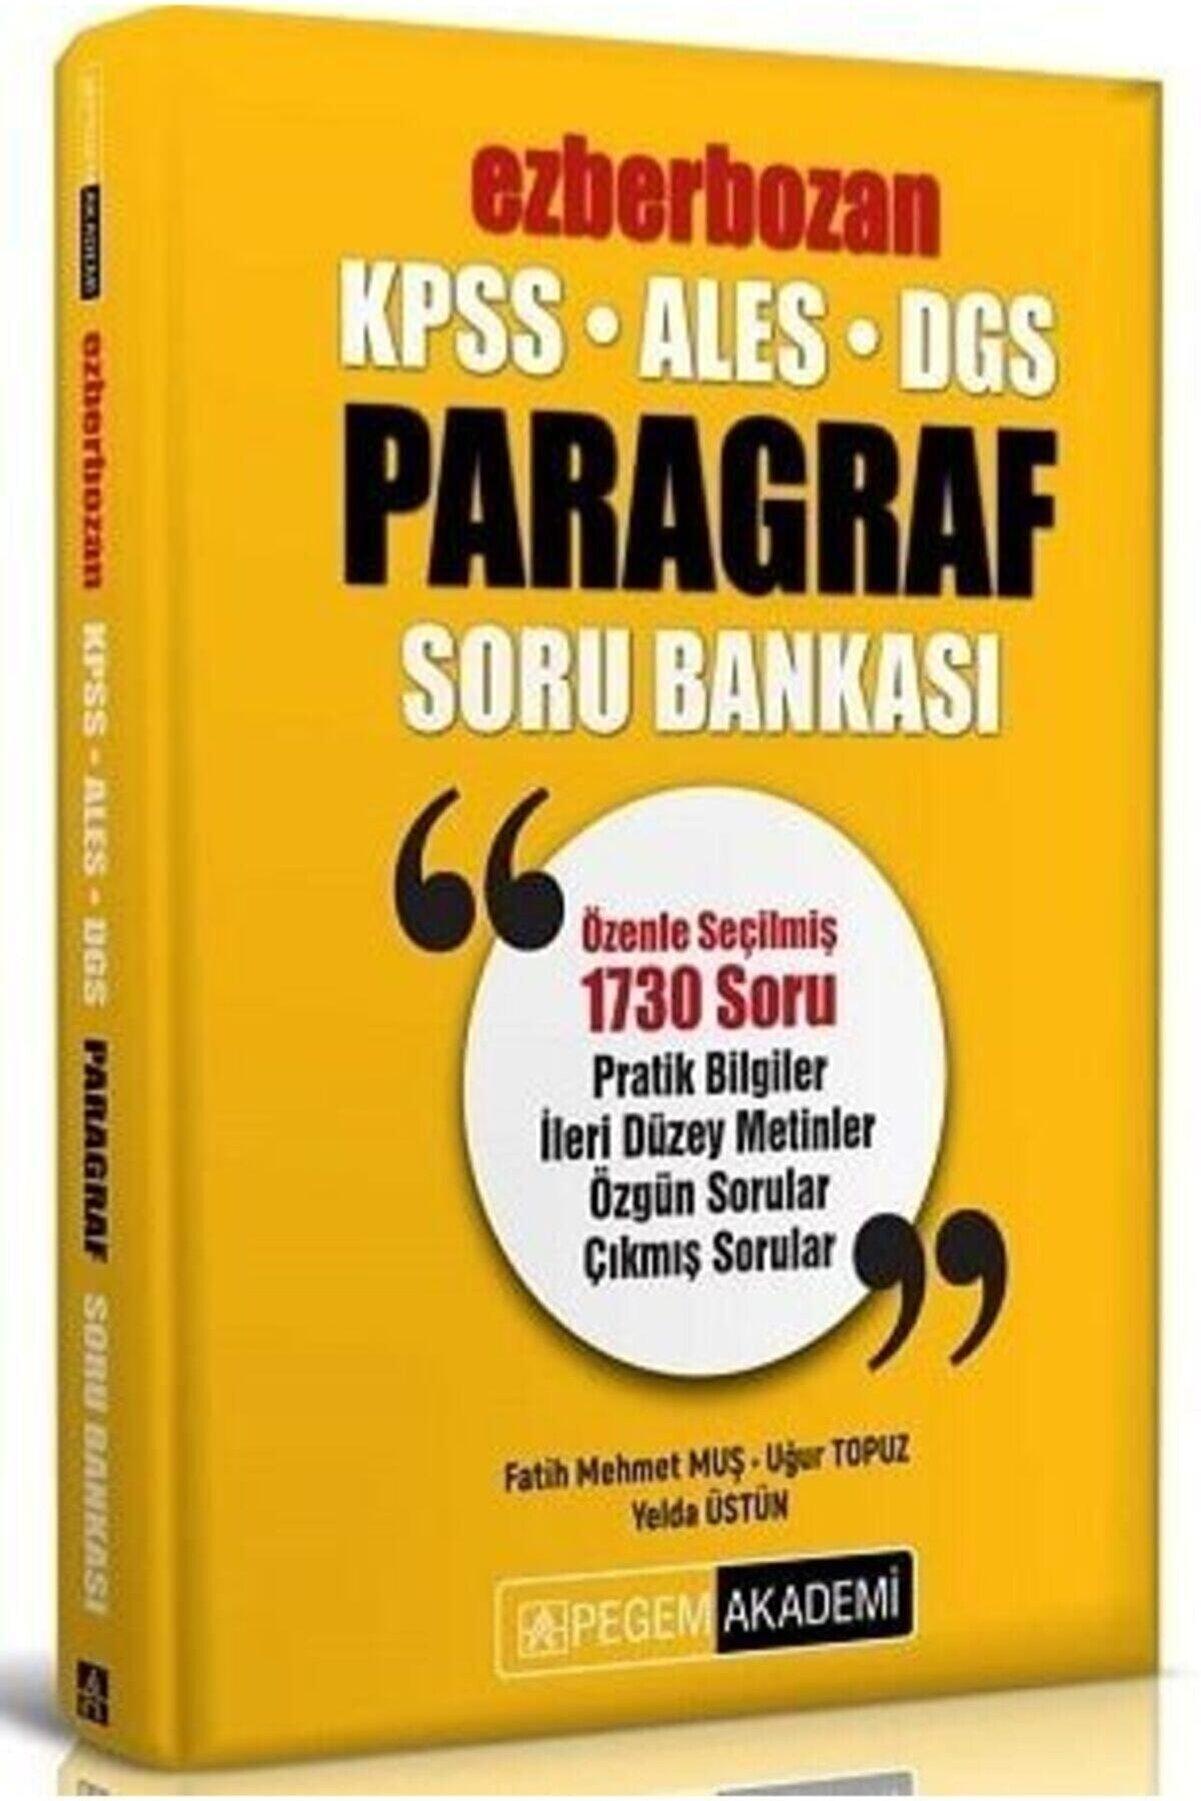 Pegem Akademi Yayıncılık Pegem Yayınları 2022 Kpss Ales Dgs Ezberbozan Paragraf Soru Bankası